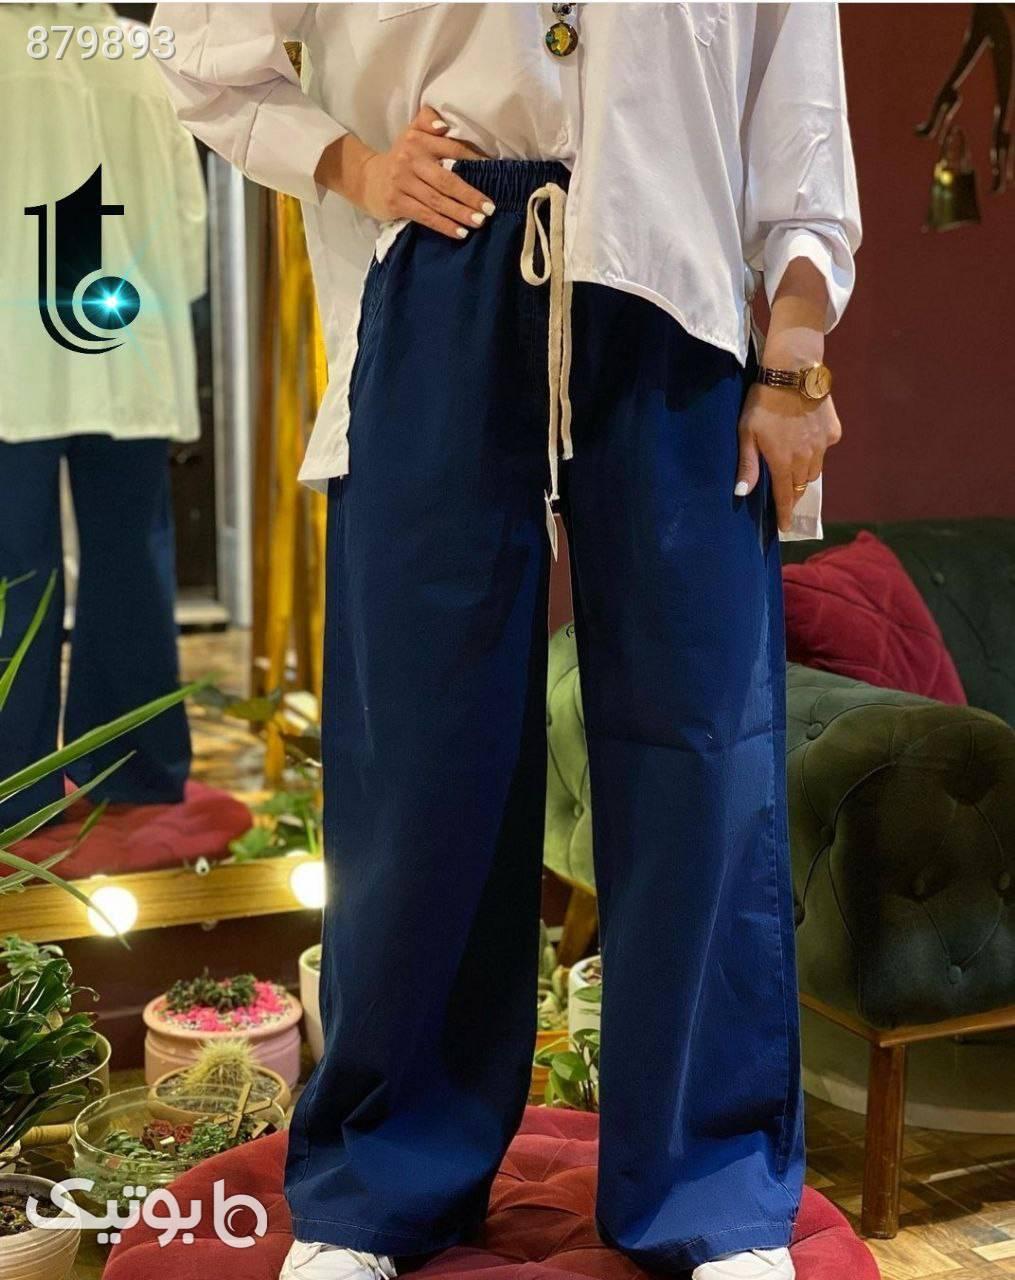 شلوار جین زیبا و ترند1400 سورمه ای شلوار جین زنانه